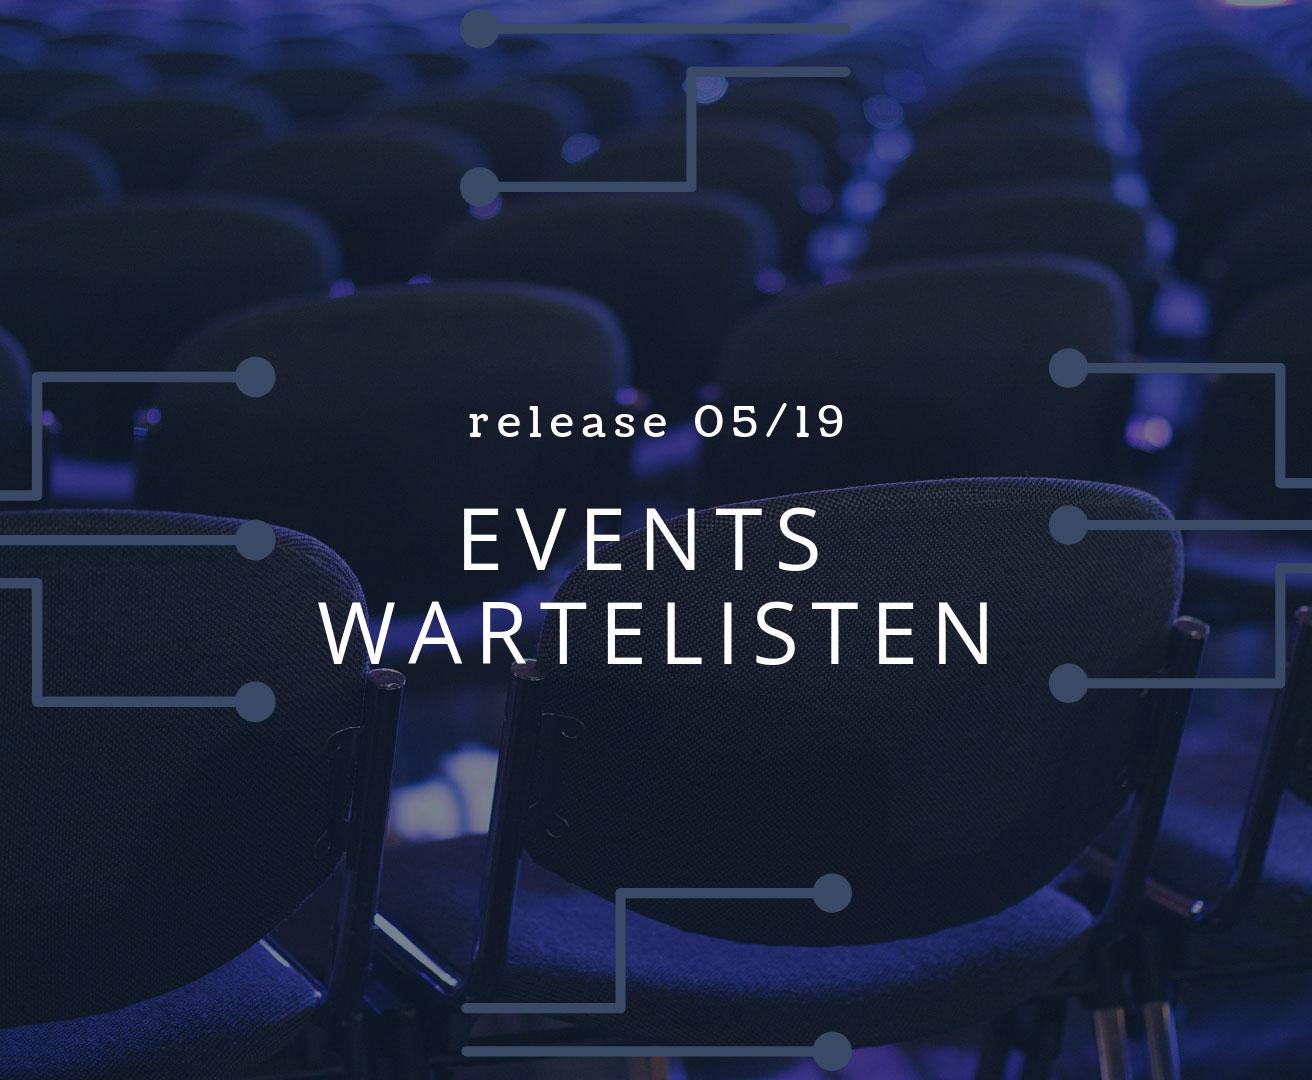 Bild mit Überschrift Release 05/19 und Titel Events Wartelisten